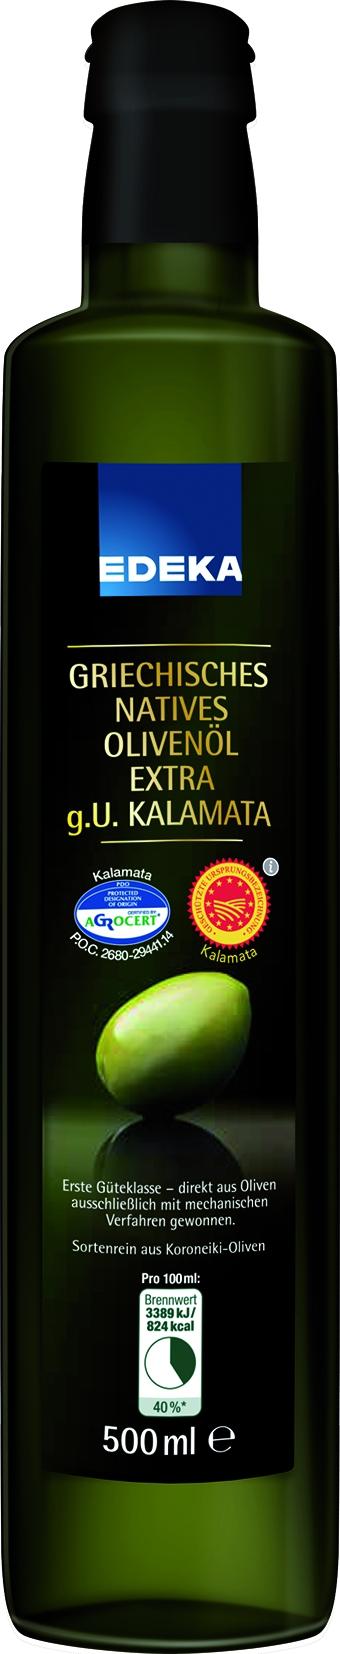 Olivenoel Kreta